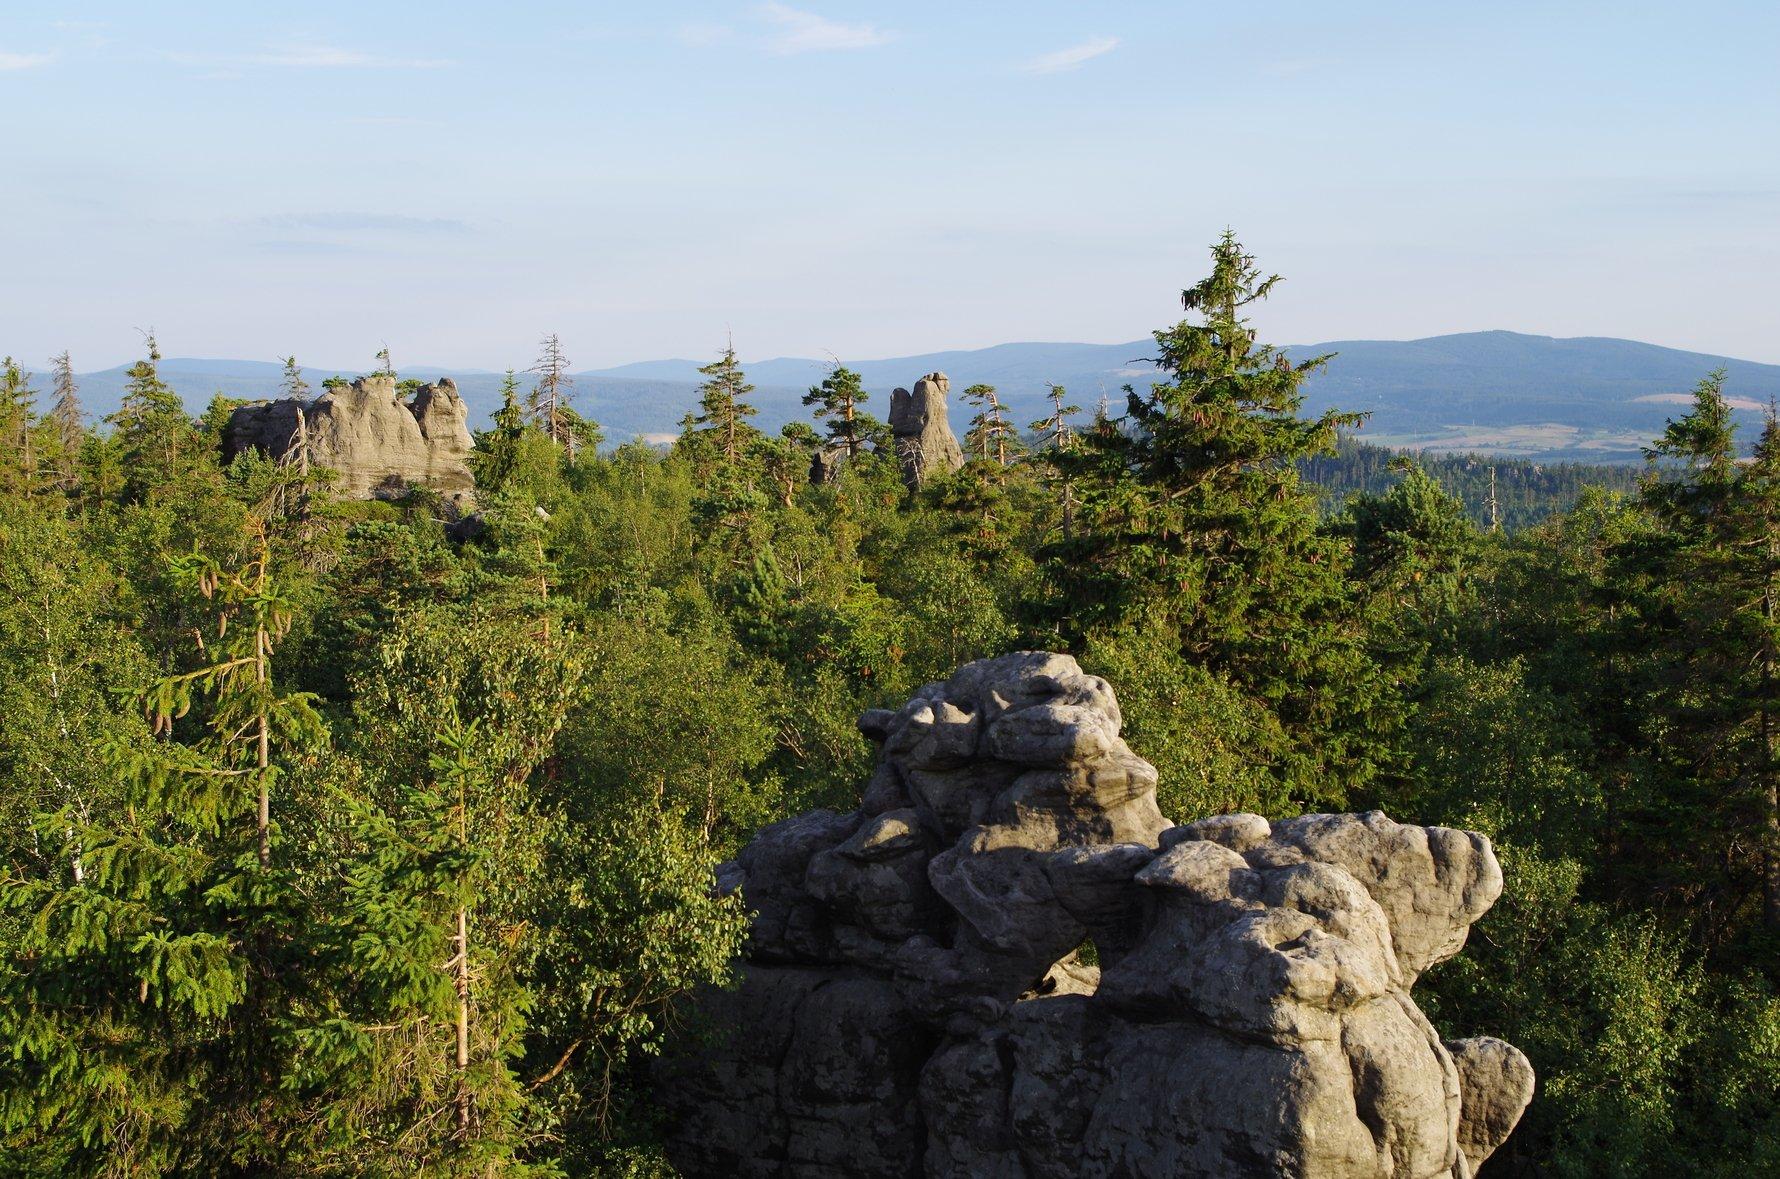 Szczeliniec. Photo by Longjoe